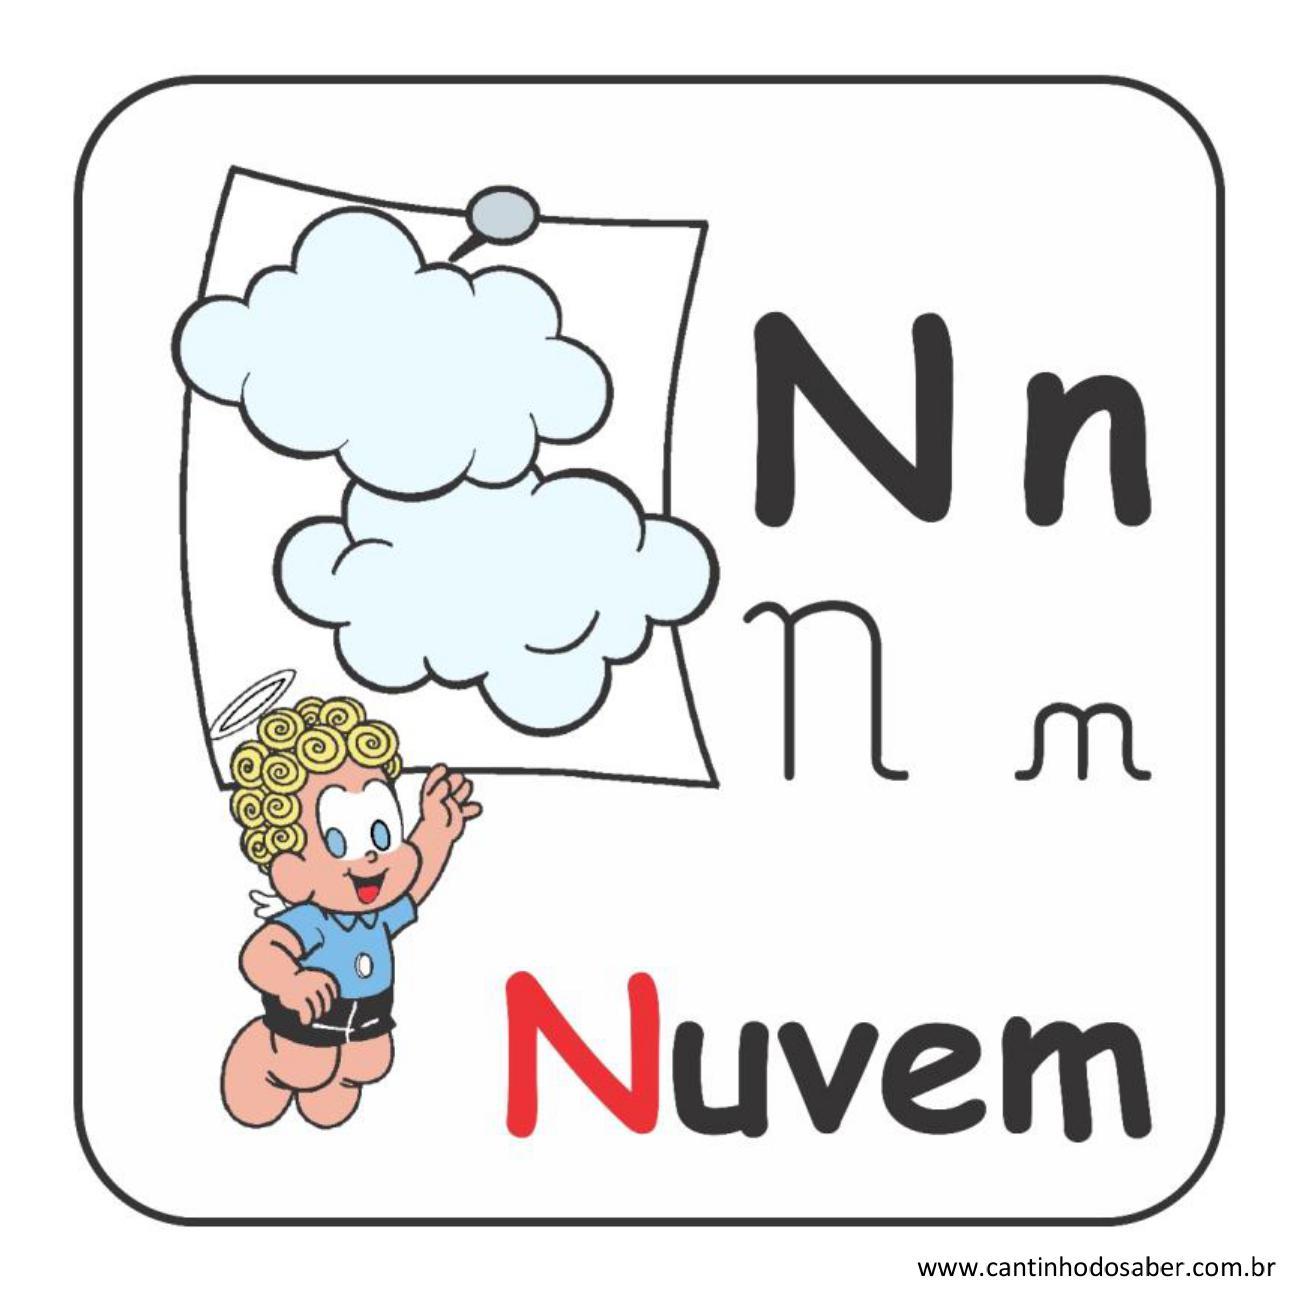 Alfabeto da turma da mônica em letra bastão e cursiva letra n